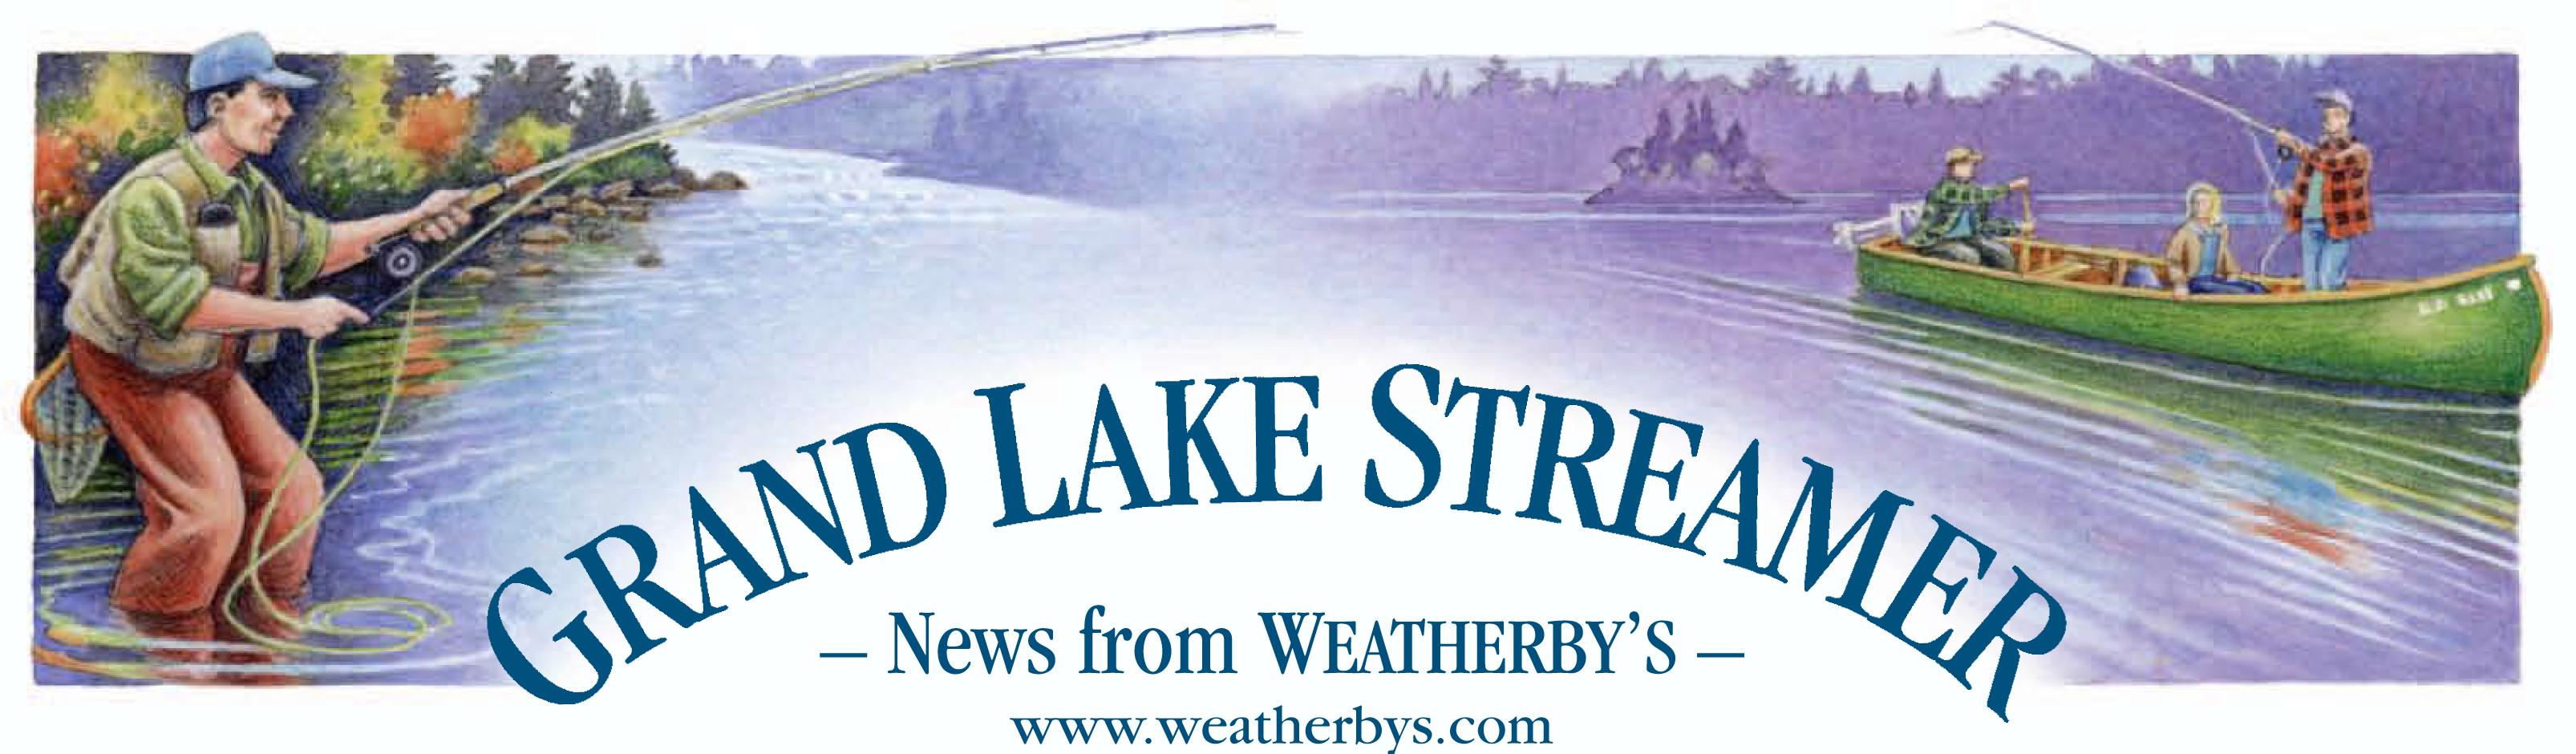 Weatherby's Newsletter Header